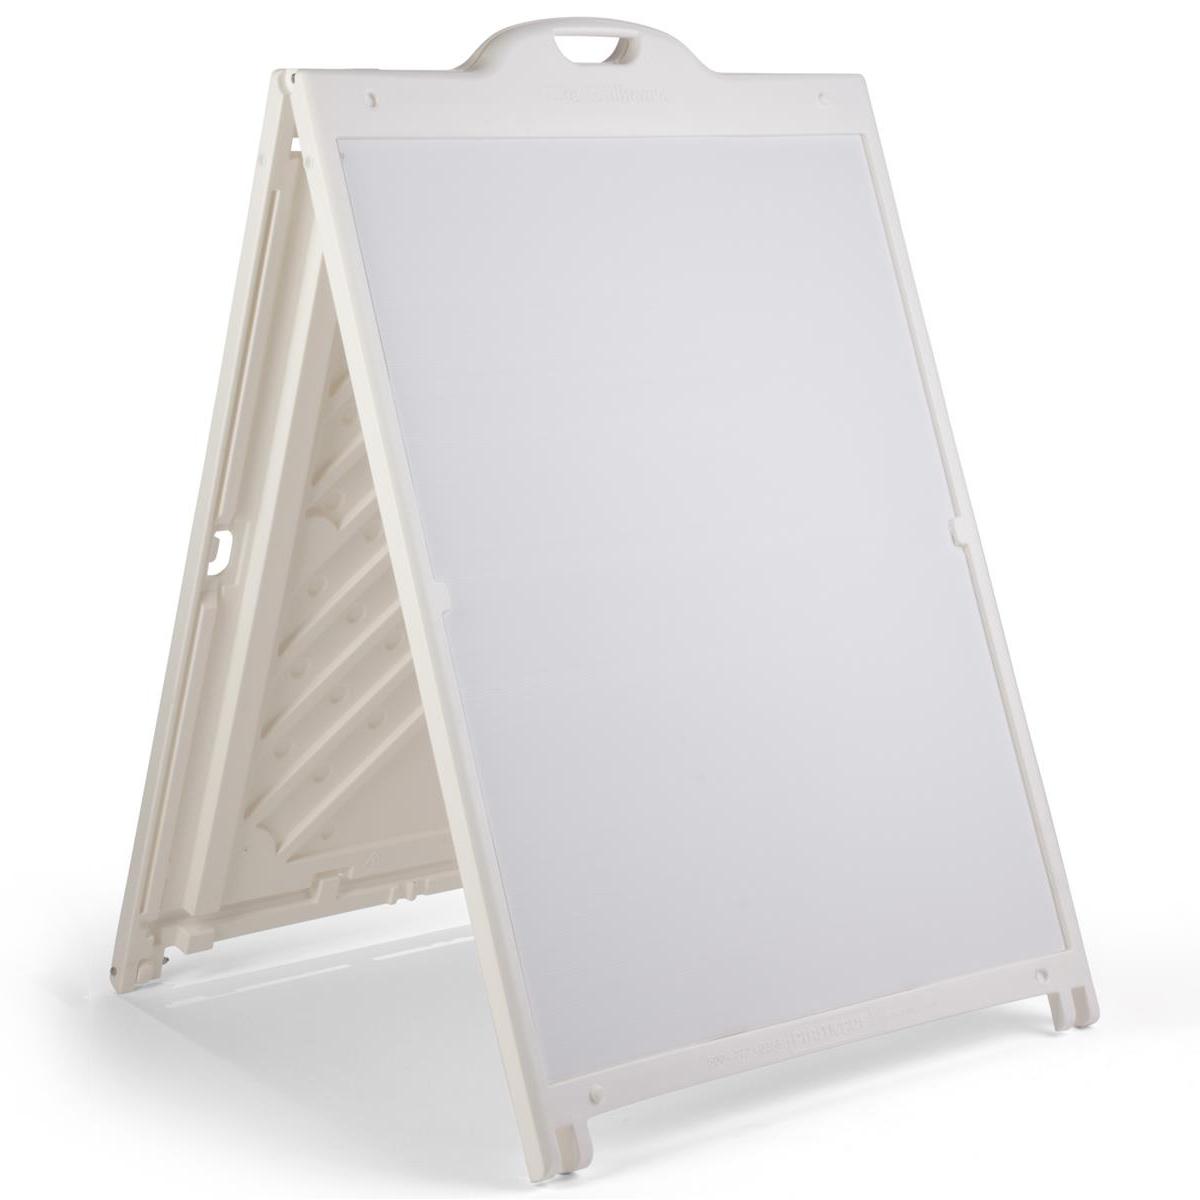 A frame 3